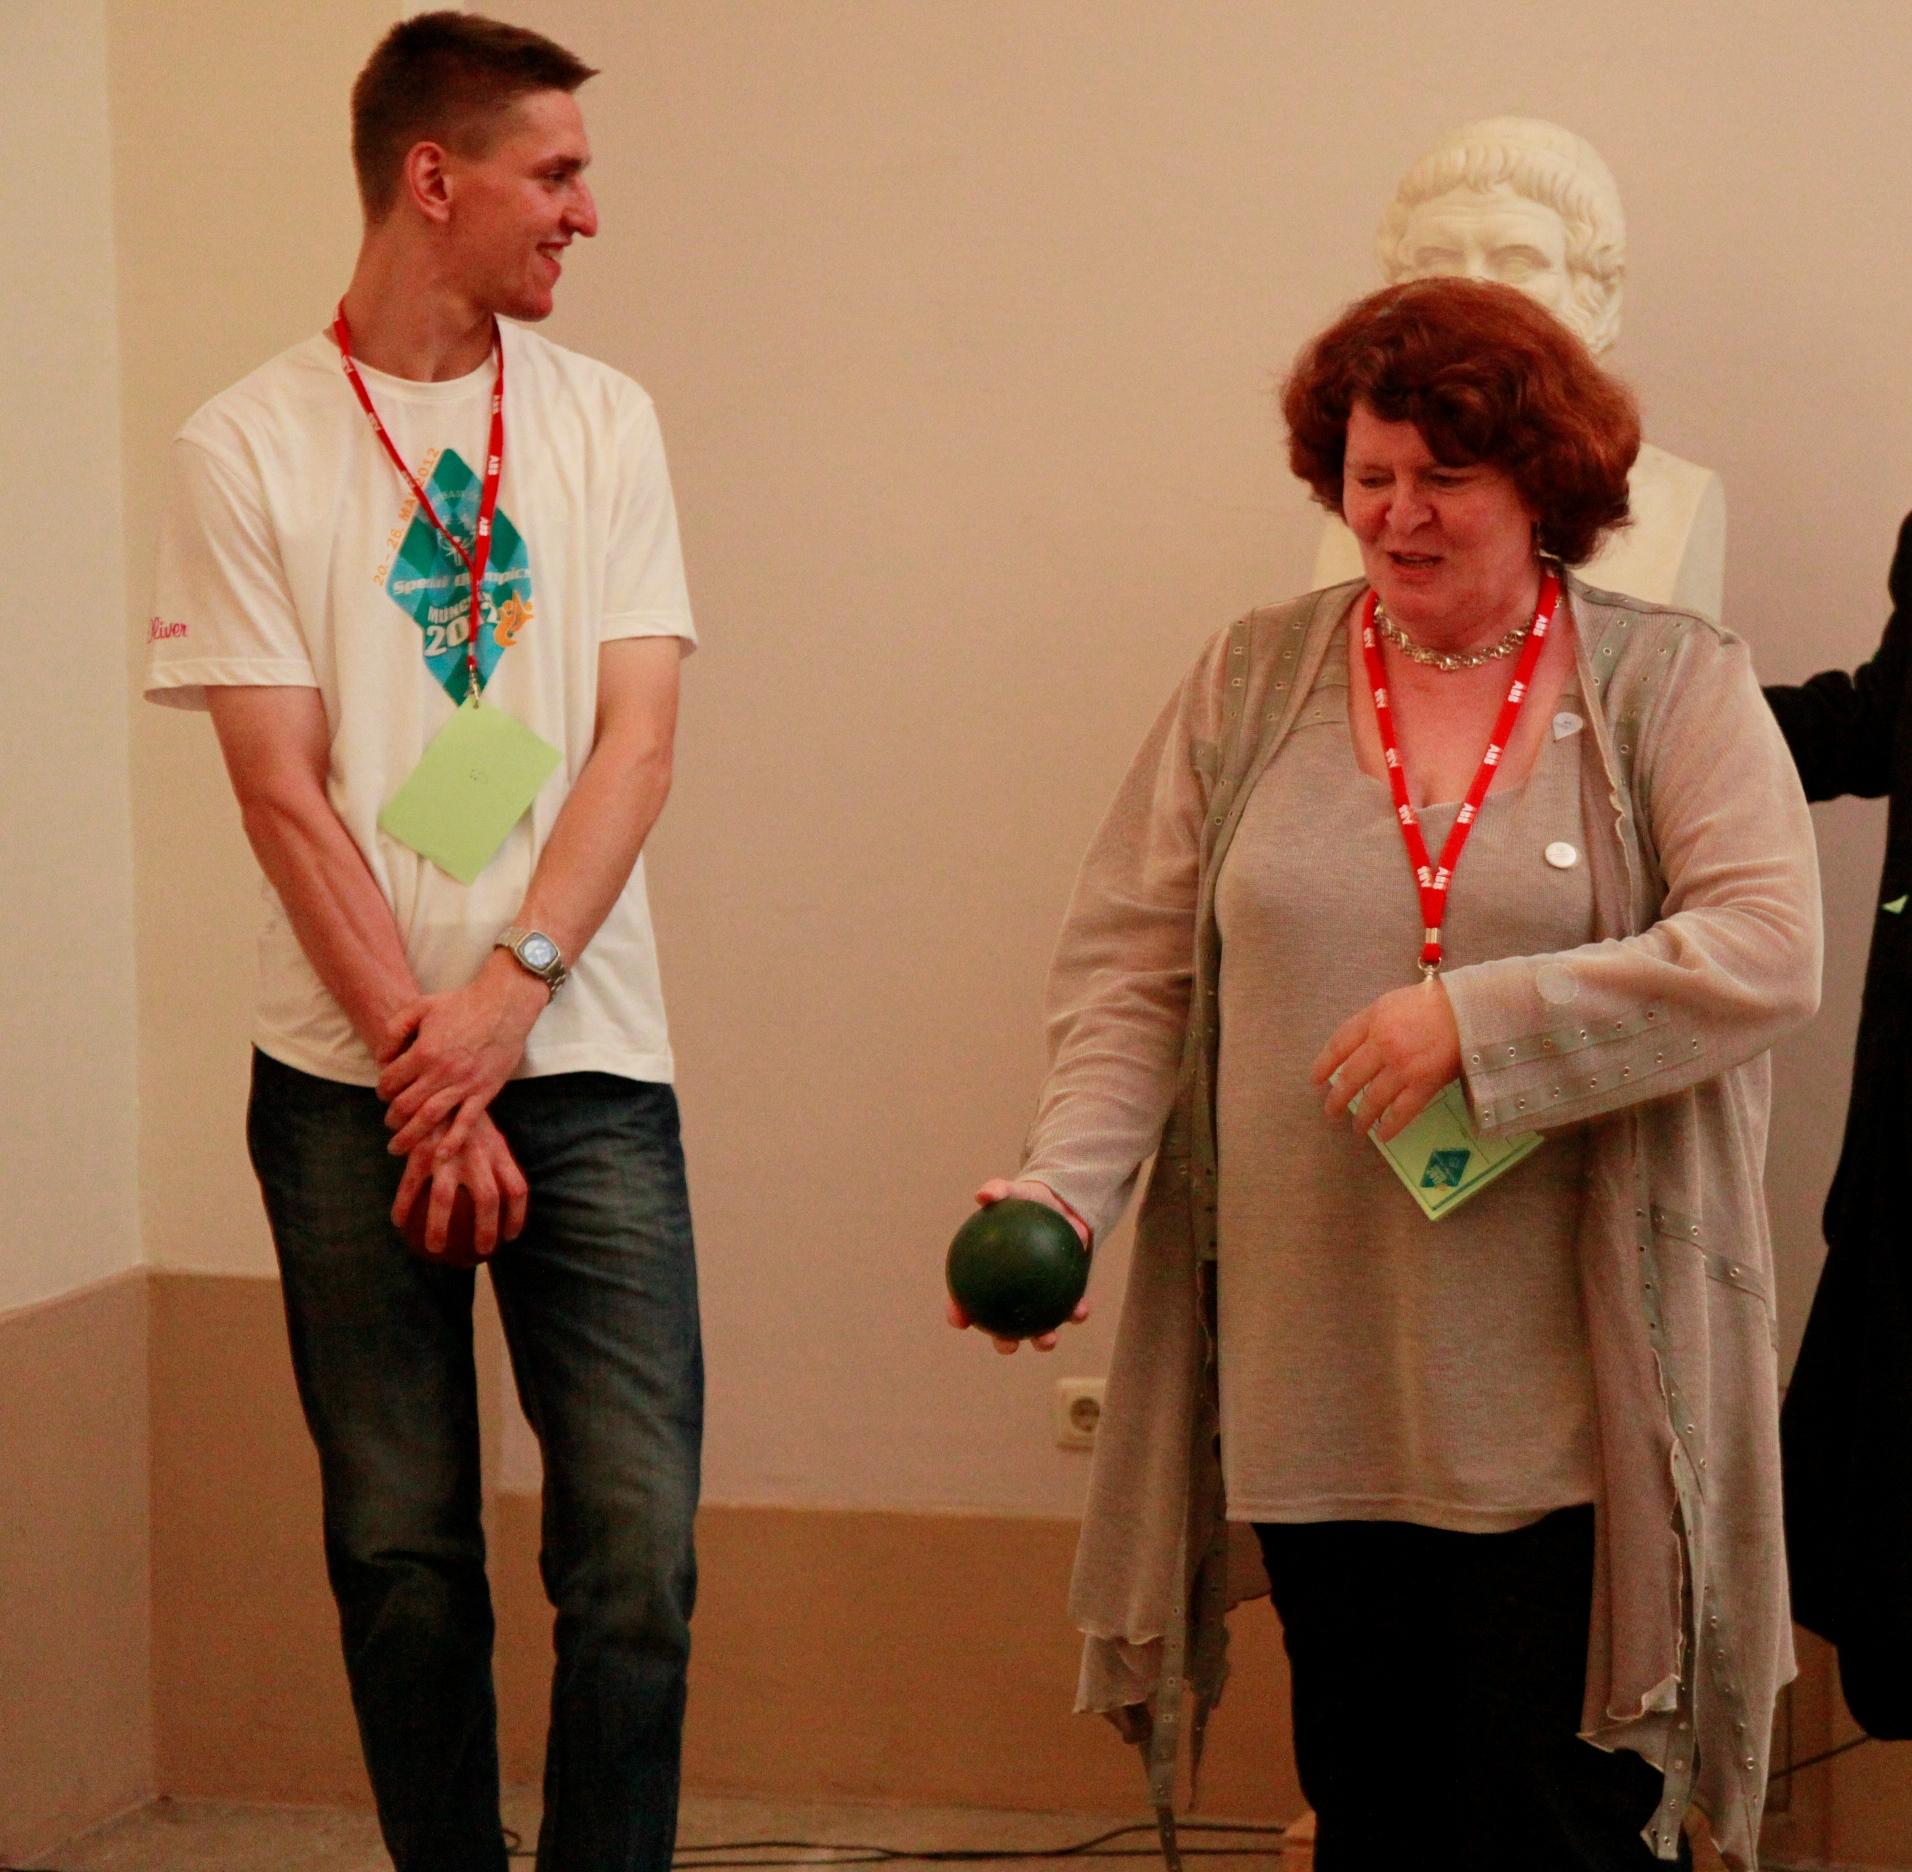 Freundeskreis special Olympicsmpics-jutta-koller